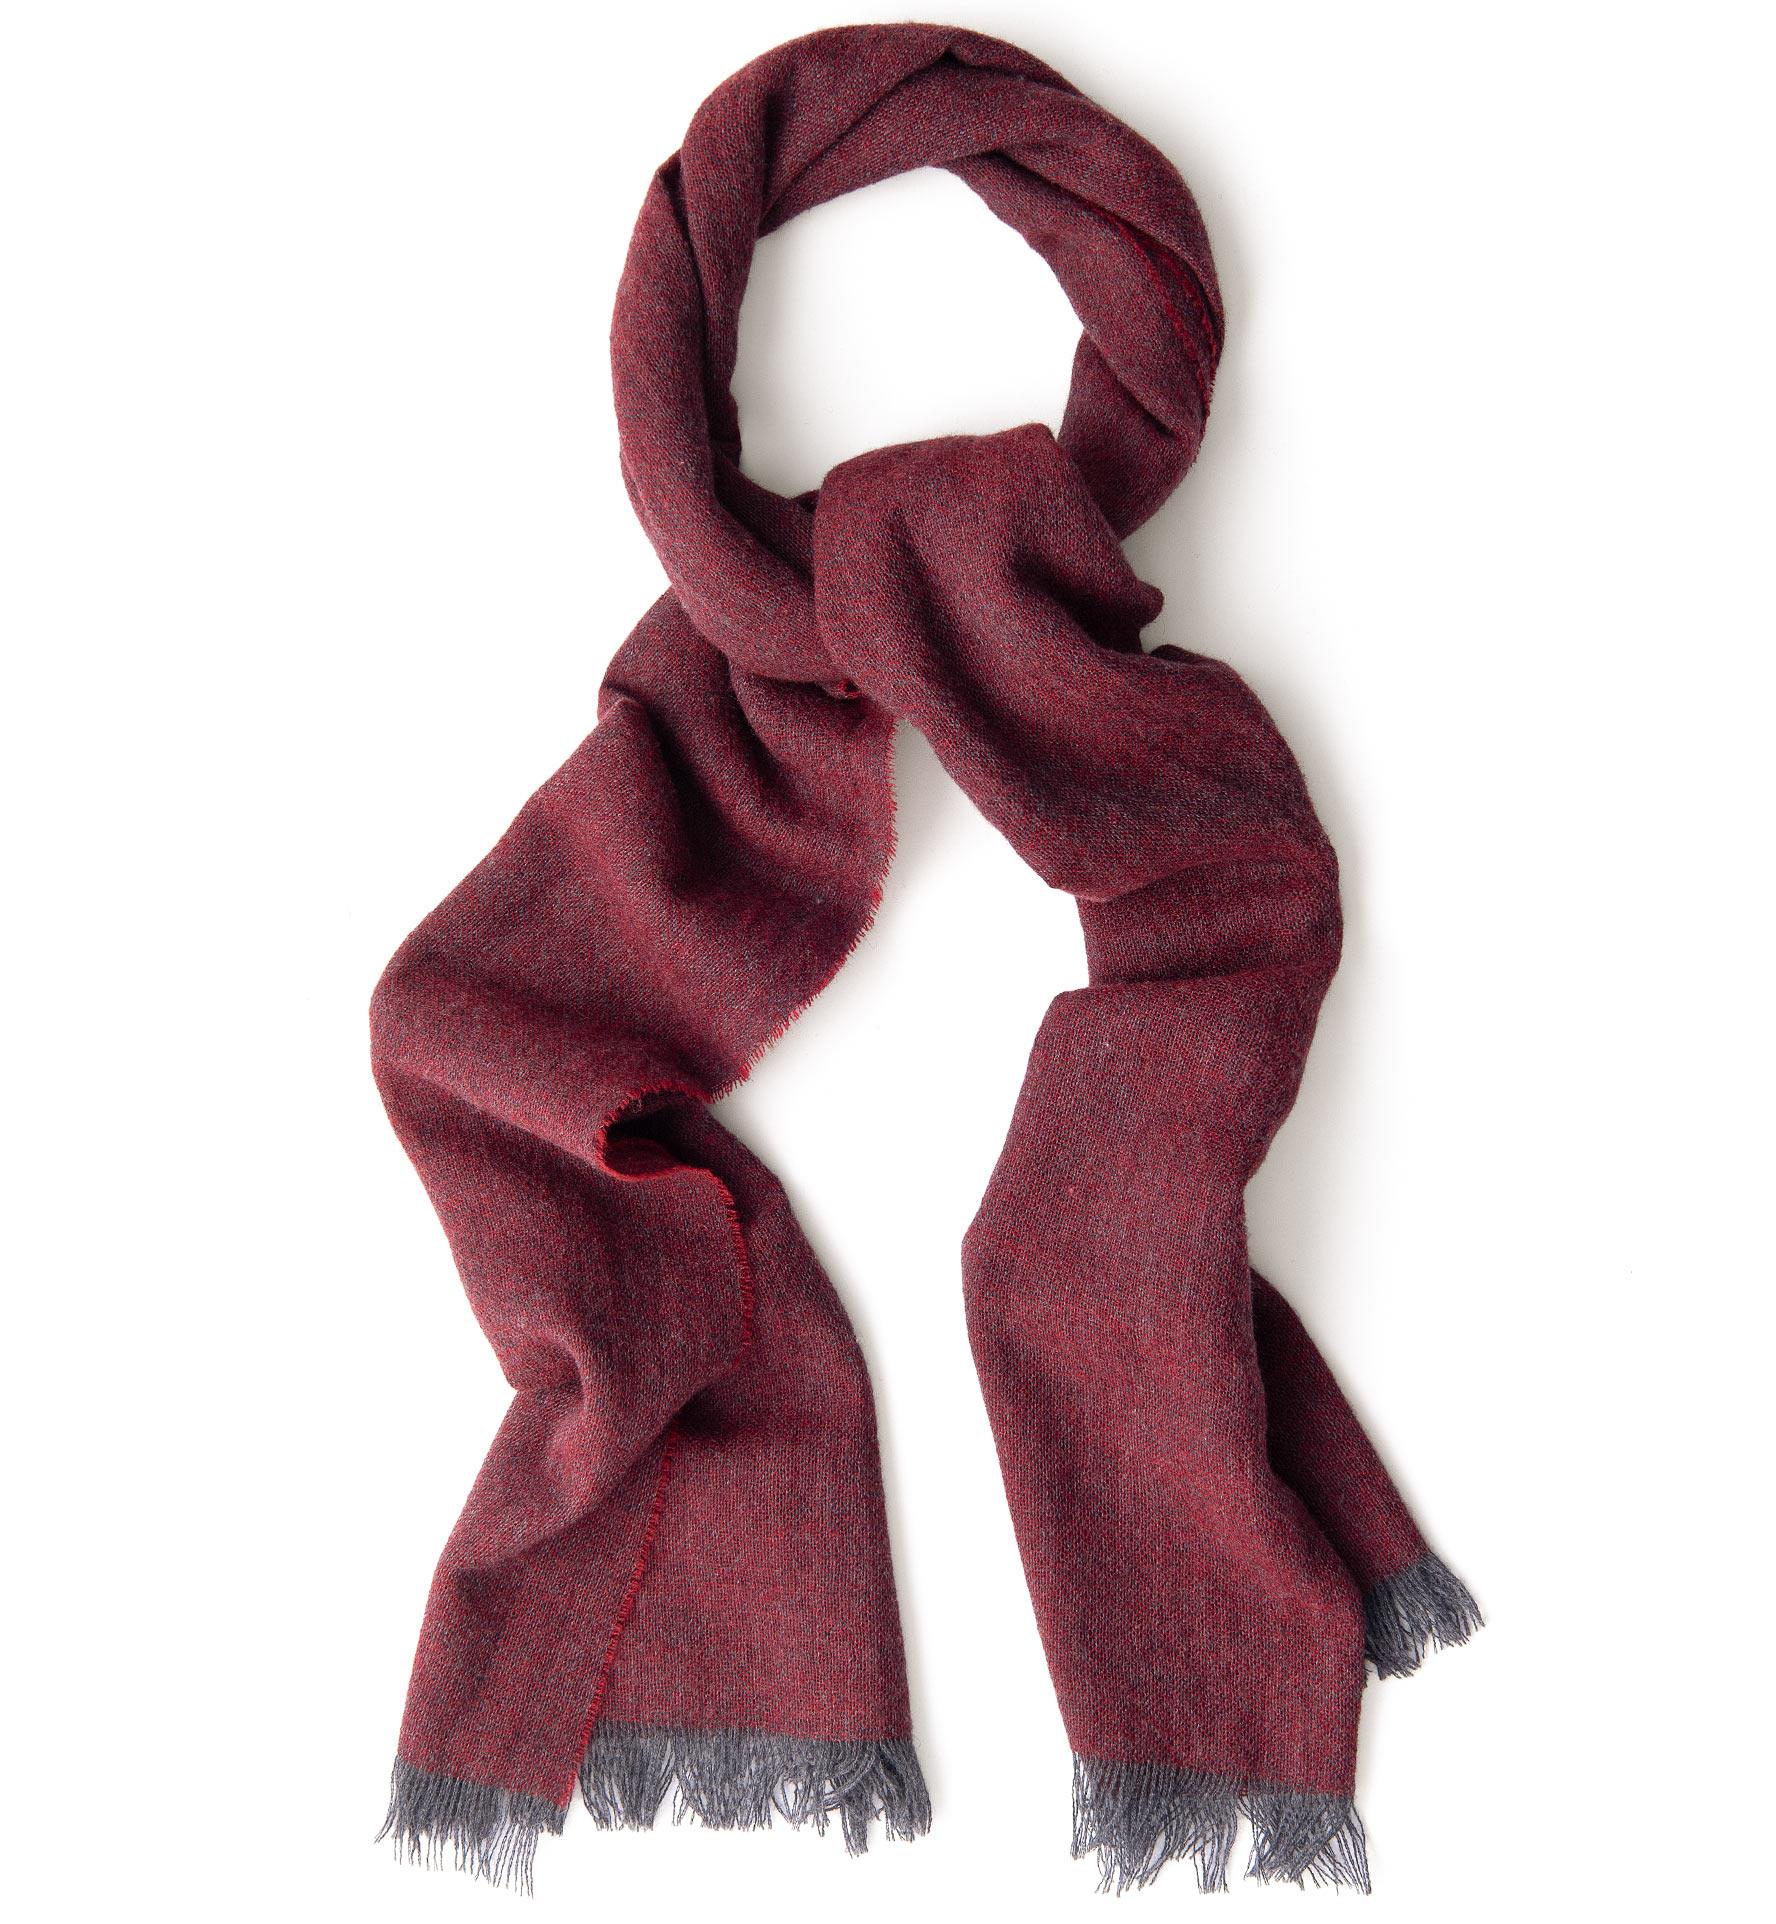 Zoom Image of Scarlet Wool Gauze Scarf